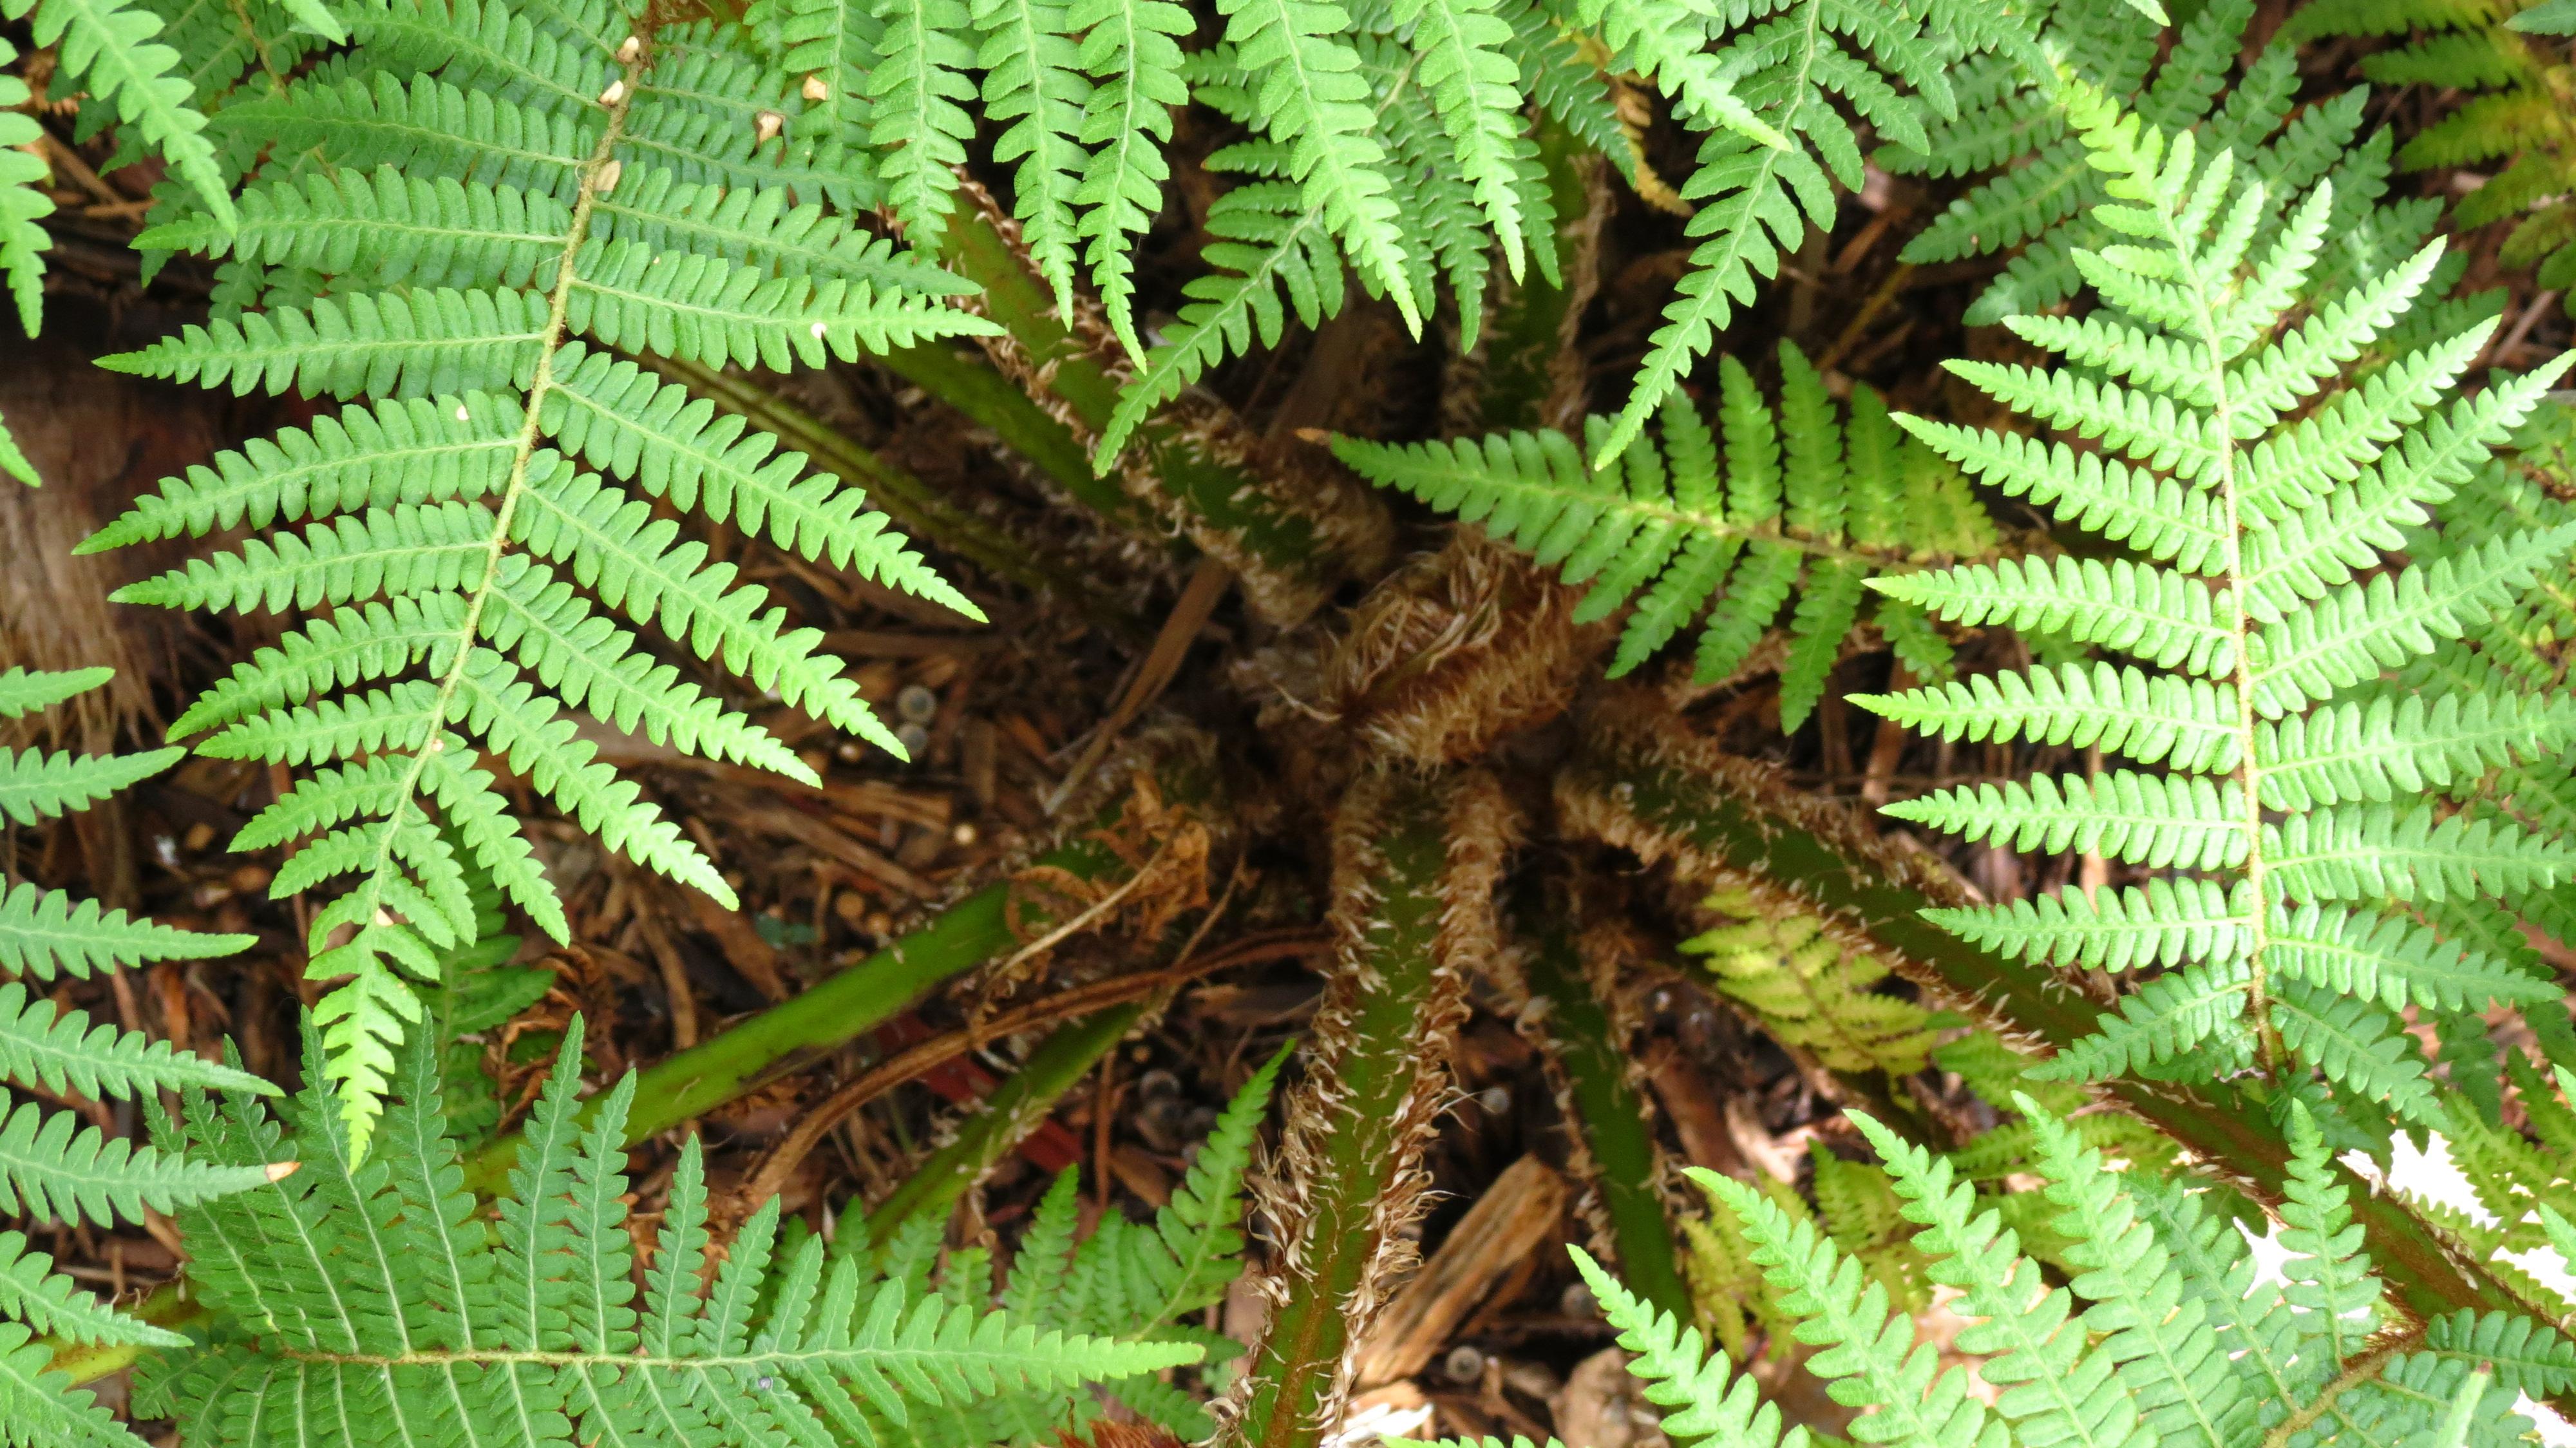 Beautiful Australian Tree Fern Australian Tree Fern Nitty Gritty Dirt Man Australian Tree Fern Cats Australian Tree Fern Hardiness houzz-03 Australian Tree Fern